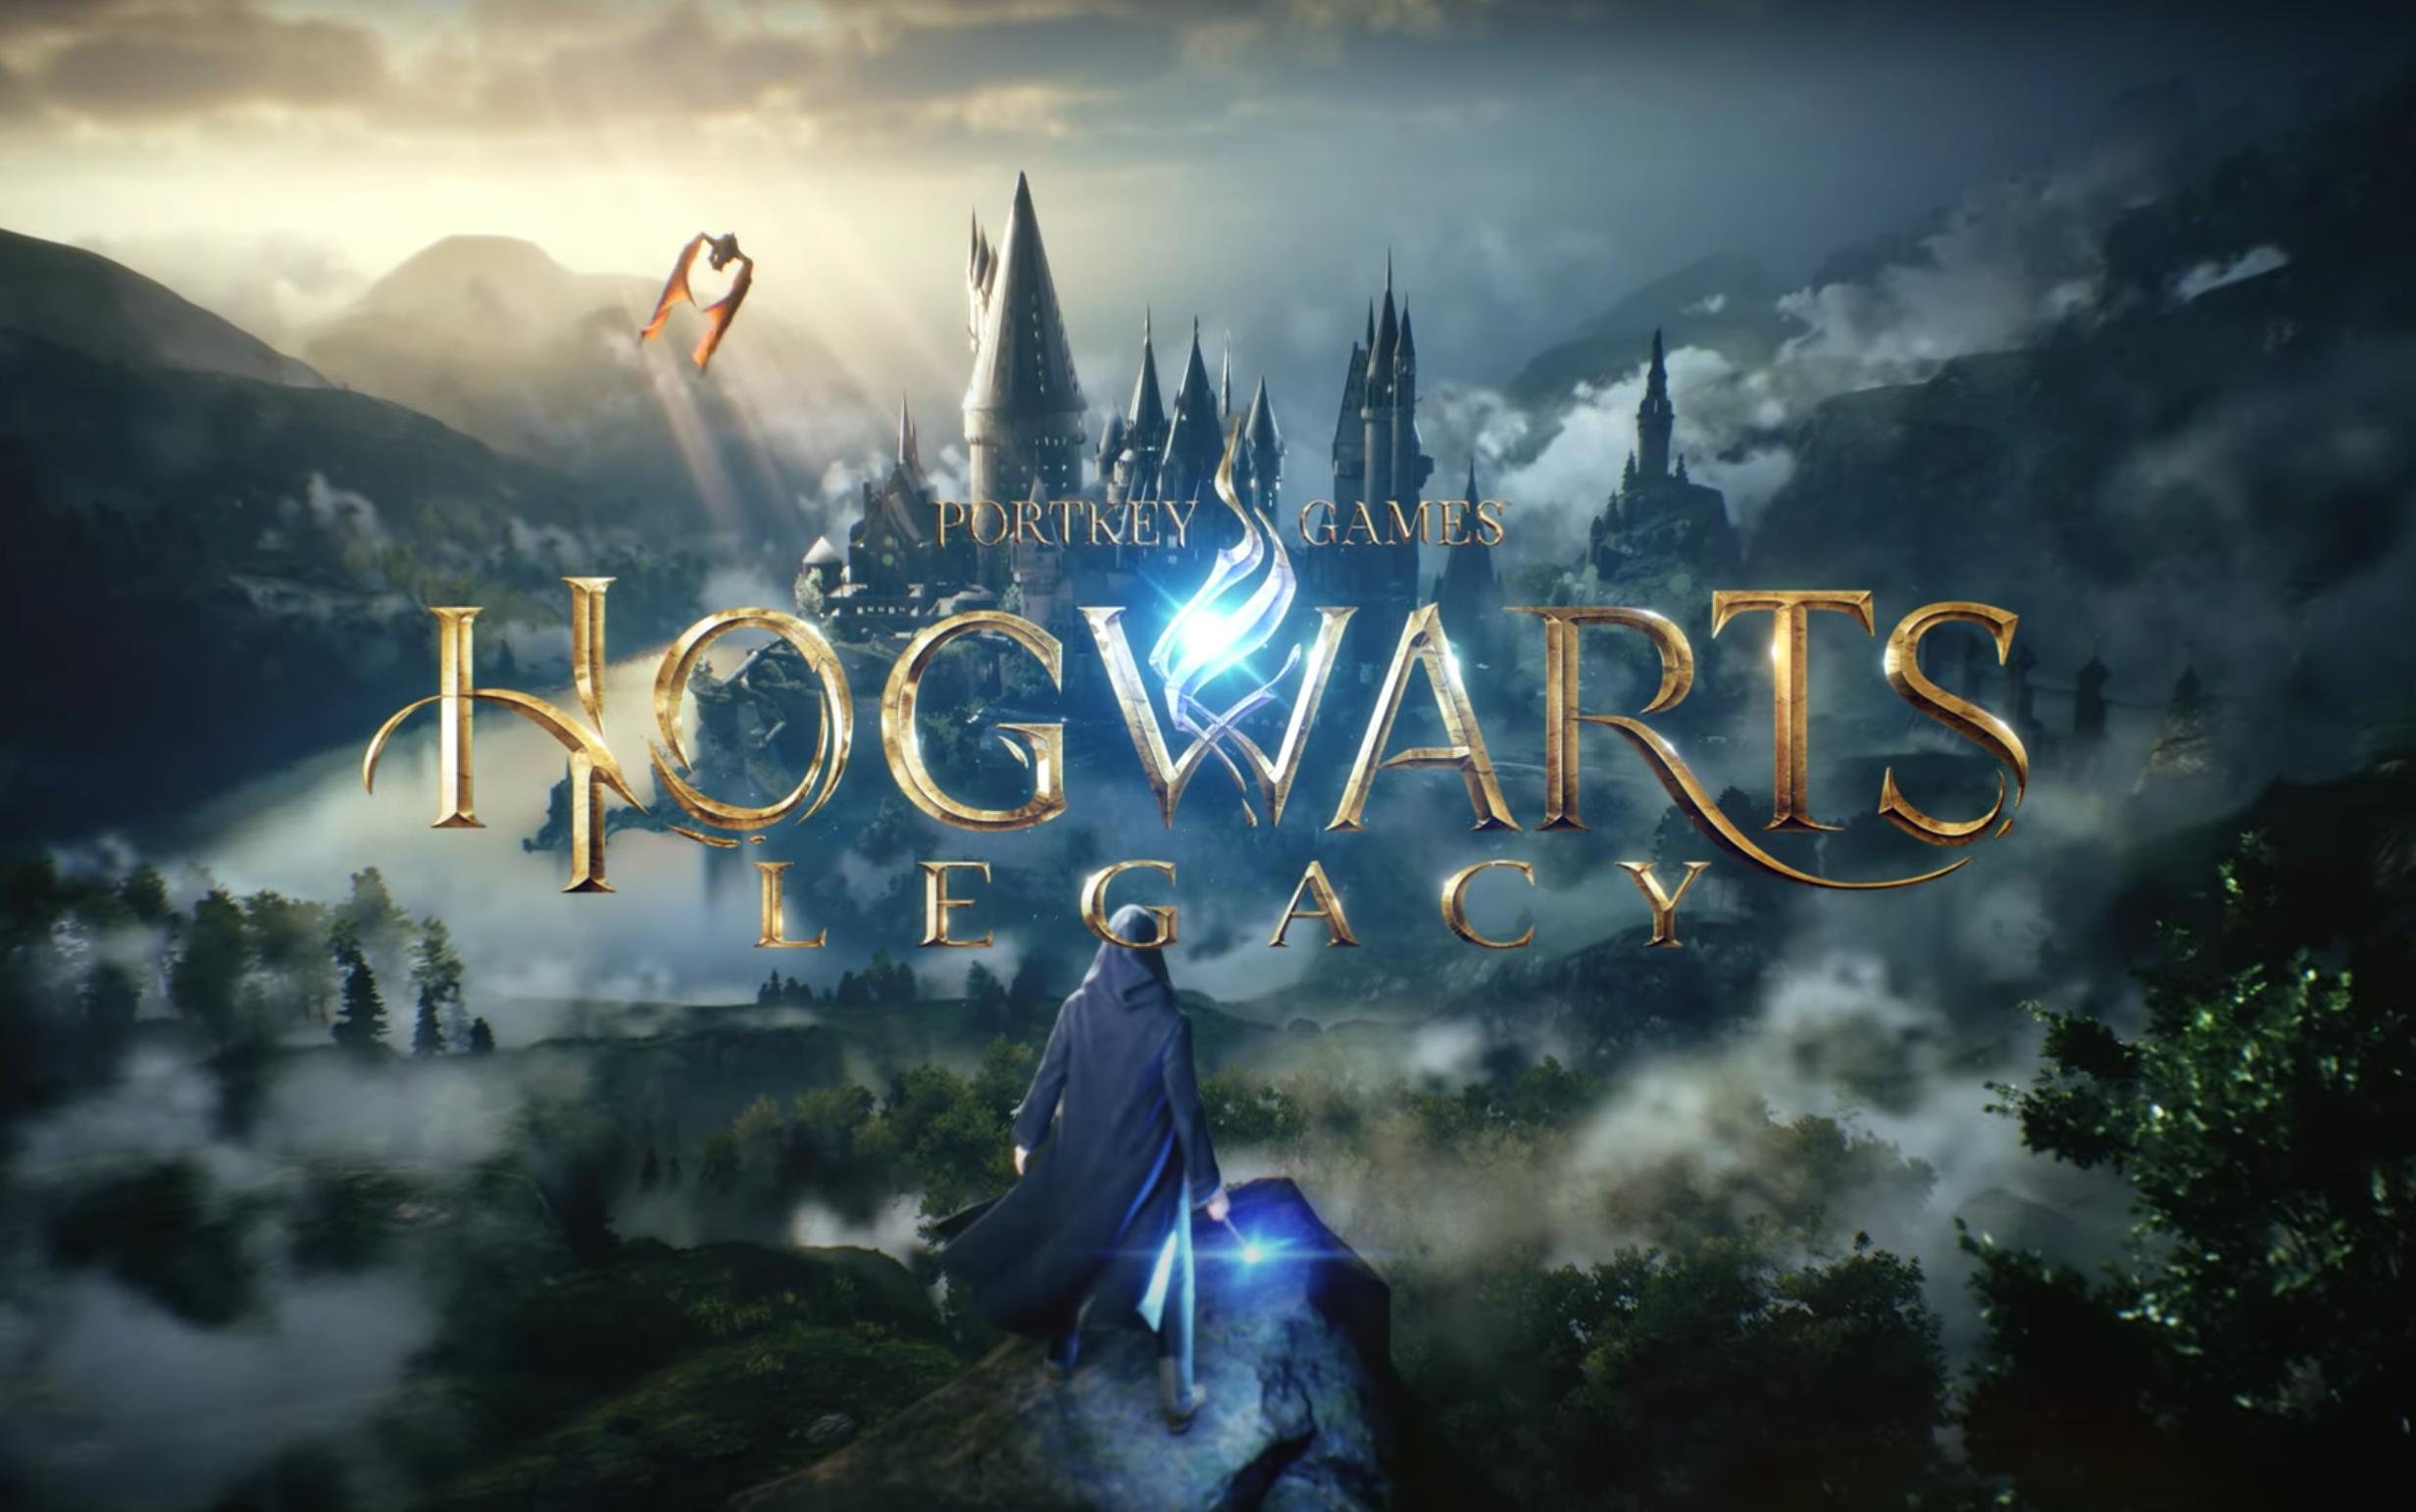 """Hogwarts Legacy"""", jogo do universo """"Harry Potter"""" que chega em 2021, ganha trailer poderoso"""